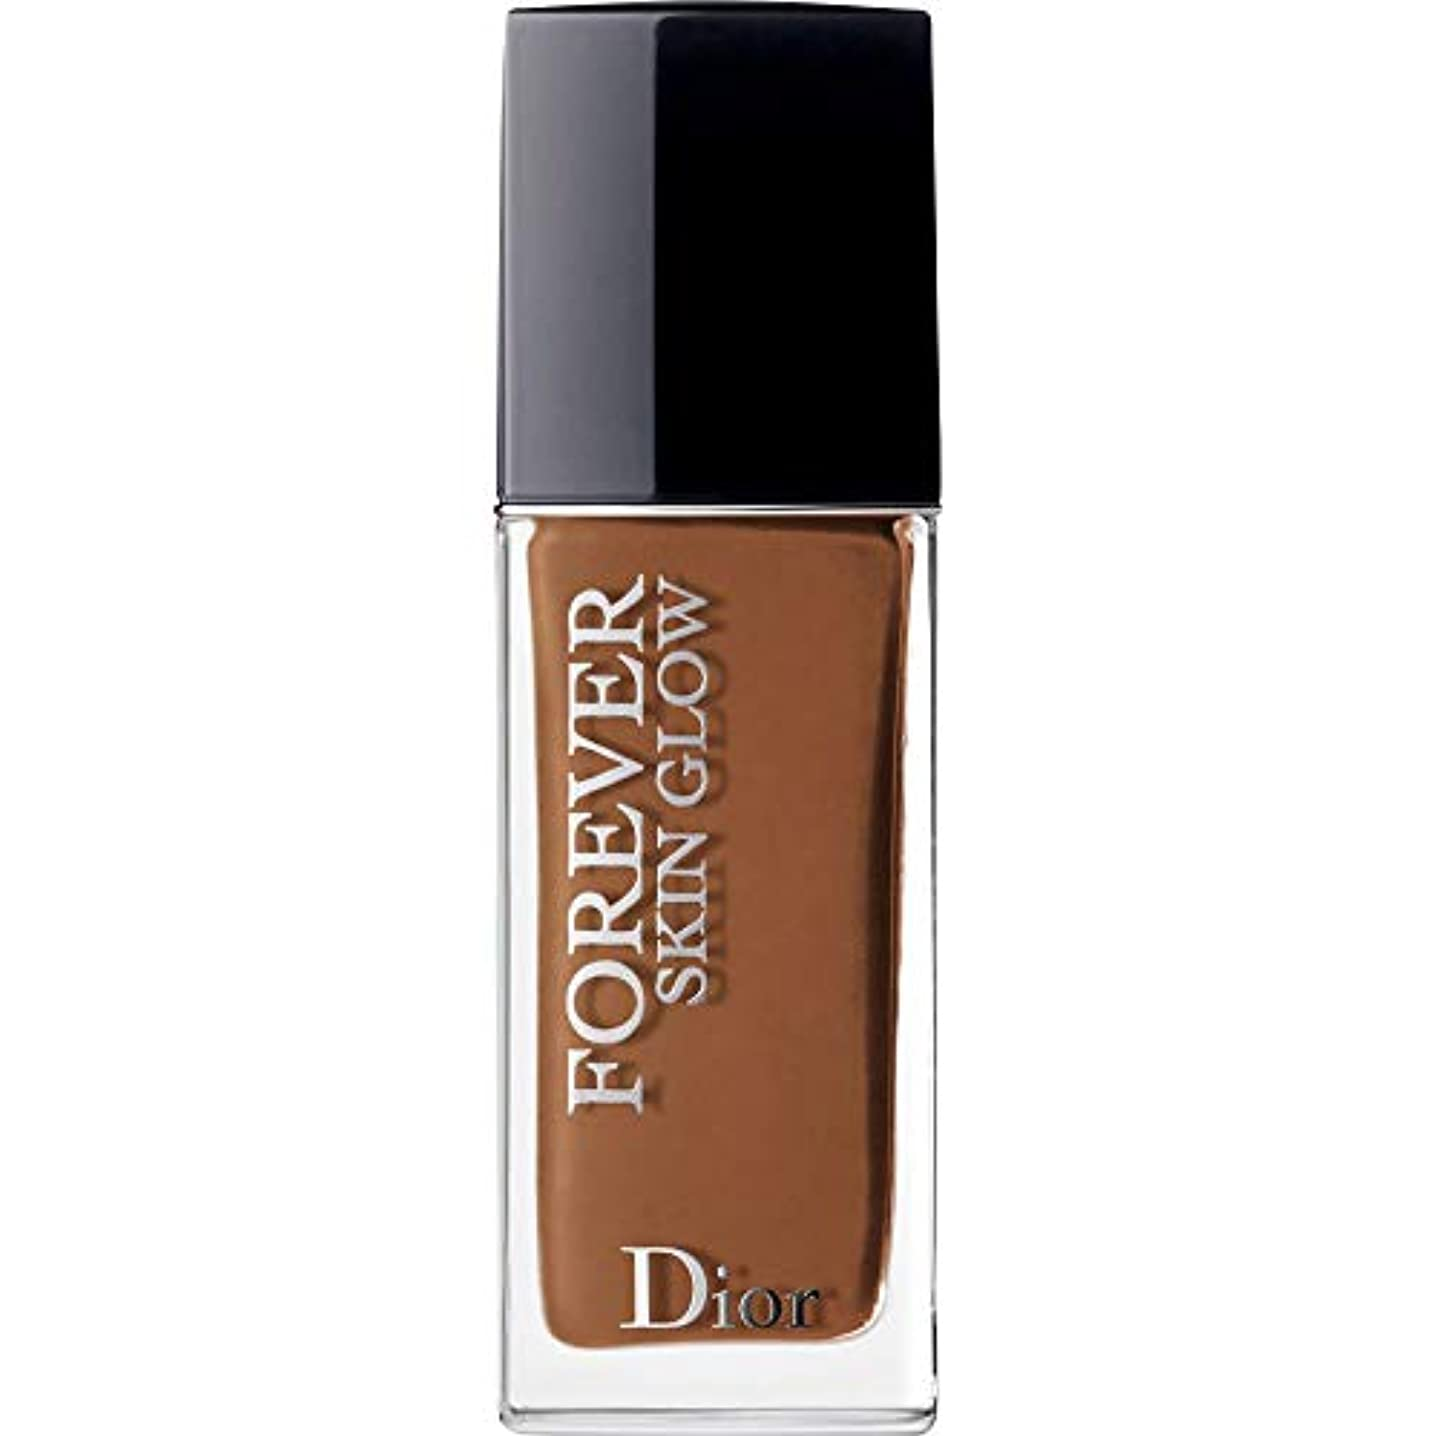 浮浪者減衰抑圧する[Dior ] ディオール永遠に皮膚グロー皮膚思いやりの基礎Spf35 30ミリリットルの8N - ニュートラル(肌の輝き) - DIOR Forever Skin Glow Skin-Caring Foundation...